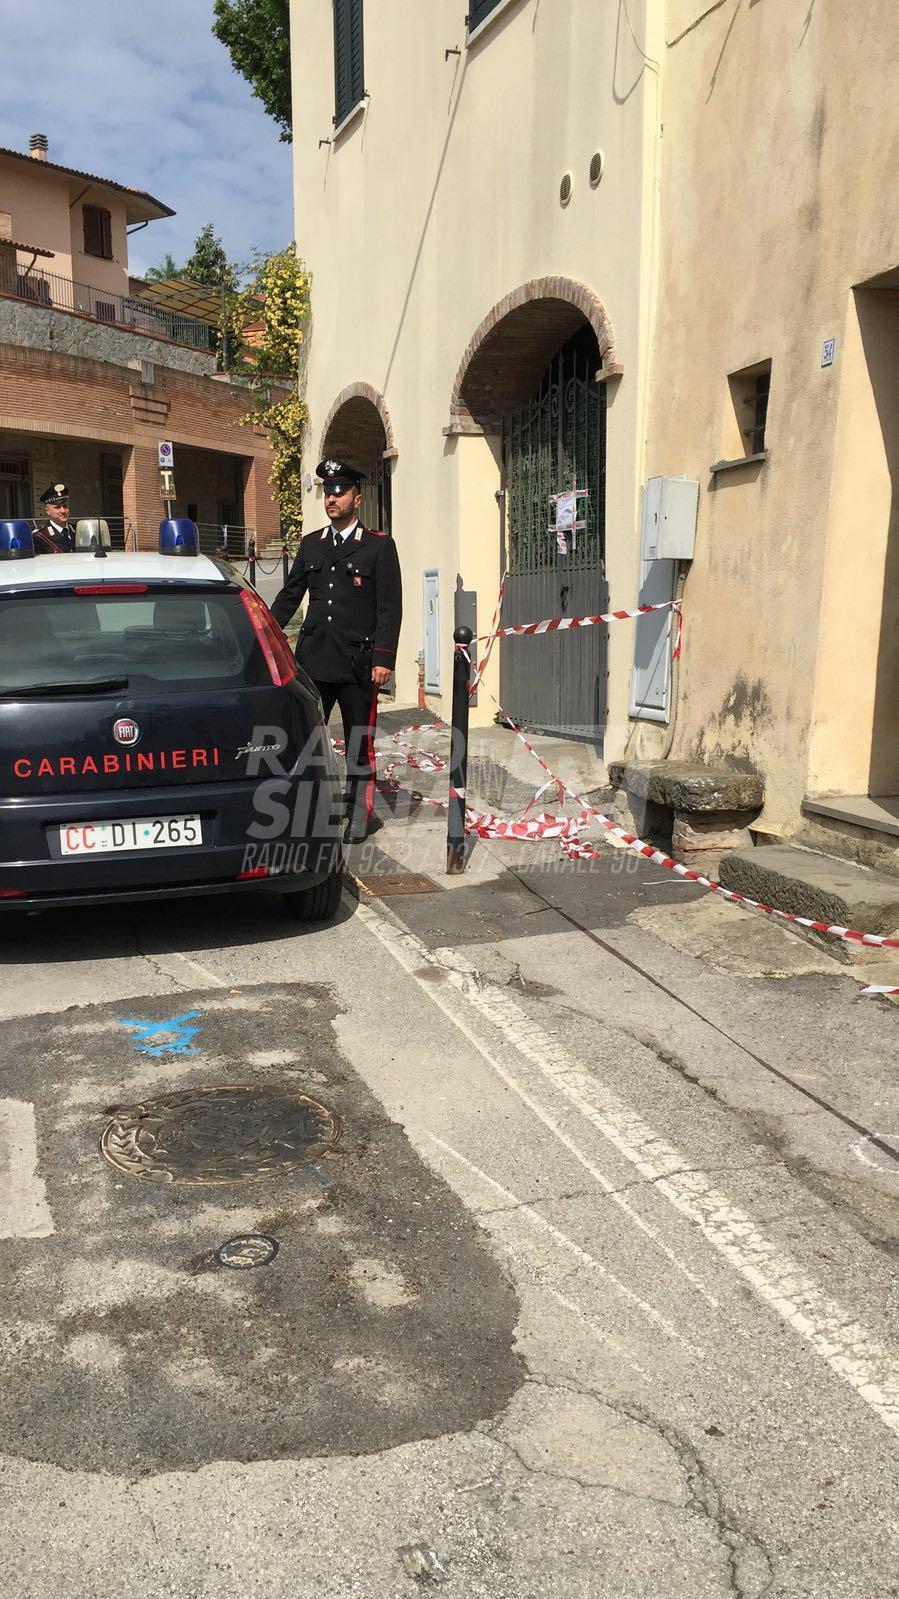 Delitto Sinalunga, l'omicida era giunto a piedi da Foiano per chiarire un dissidio lavorativo